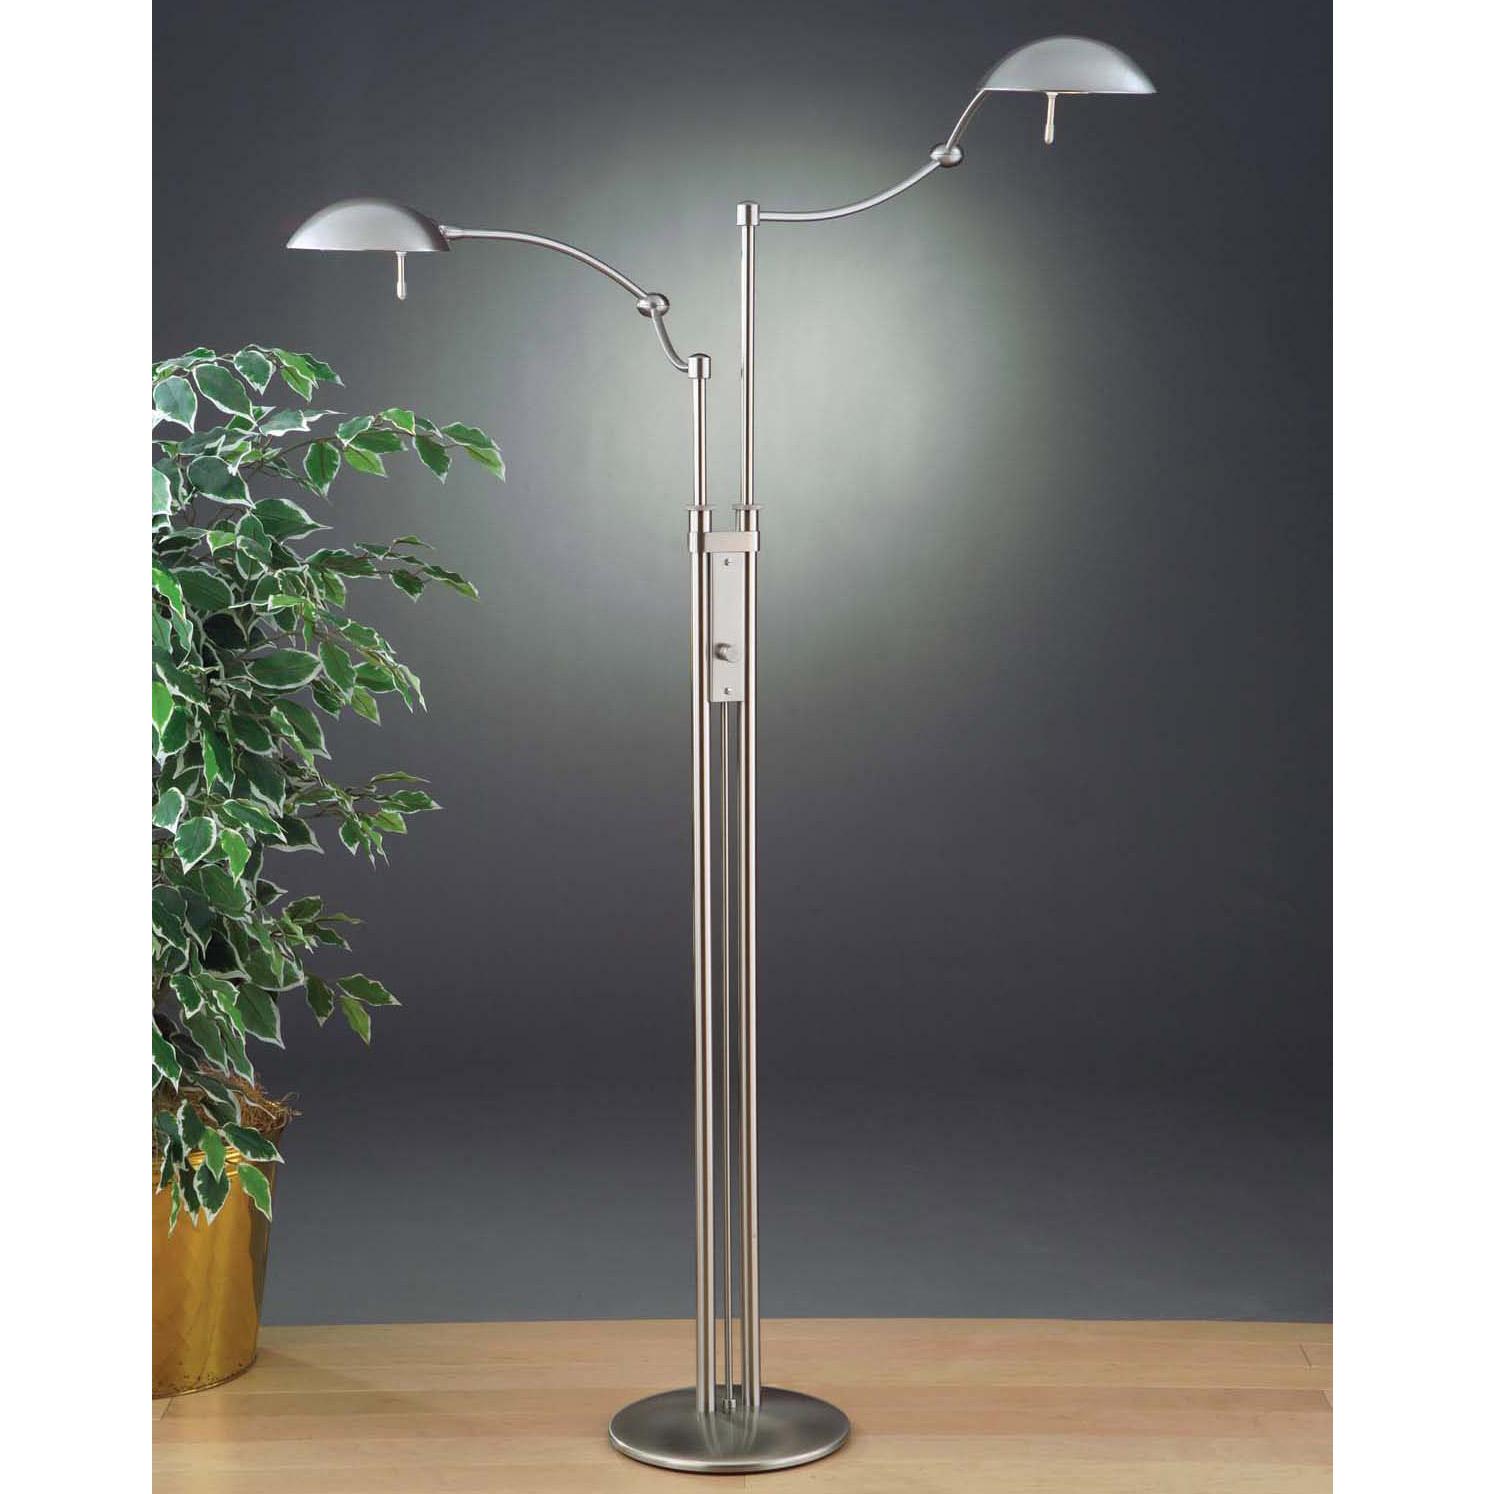 Dual Arm Pharmacy Floor Lamp By Holtkoetter 6451 Sn